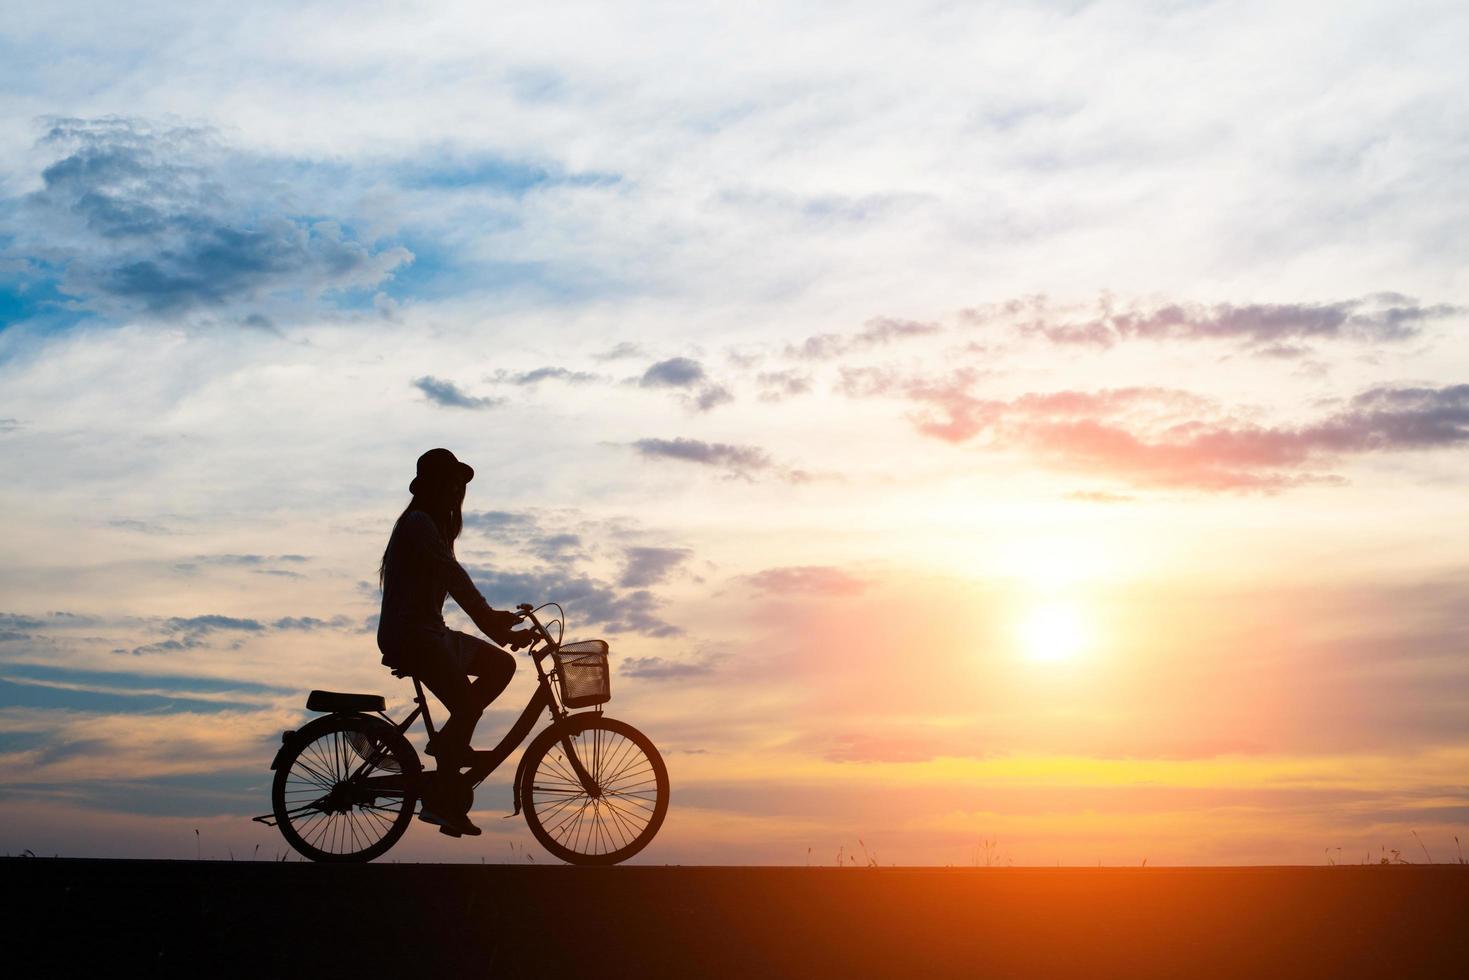 jonge man rijdt op een fiets op zonsondergang achtergrond foto